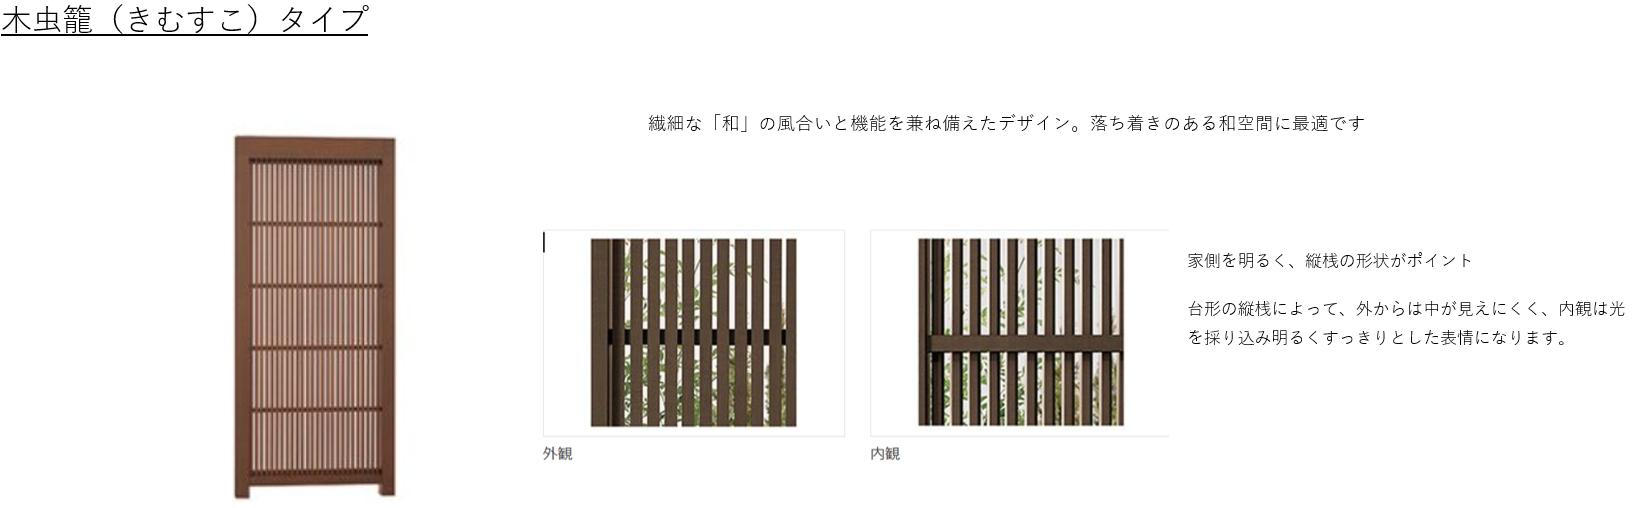 Gスクリーン LIXIL ●Gスクリーンラインナップ 木虫籠(きむすこ)タイプ 繊細な「和」の風合いと機能を兼ね備えたデザイン。落ち着きのある和空間に最適です。 外観 内観 家側を明るく、縦桟の形状がポイント 台形の縦桟によって、外からは中が見えにくく、内観は光を採り込み明るいすっきりとした表情になります。